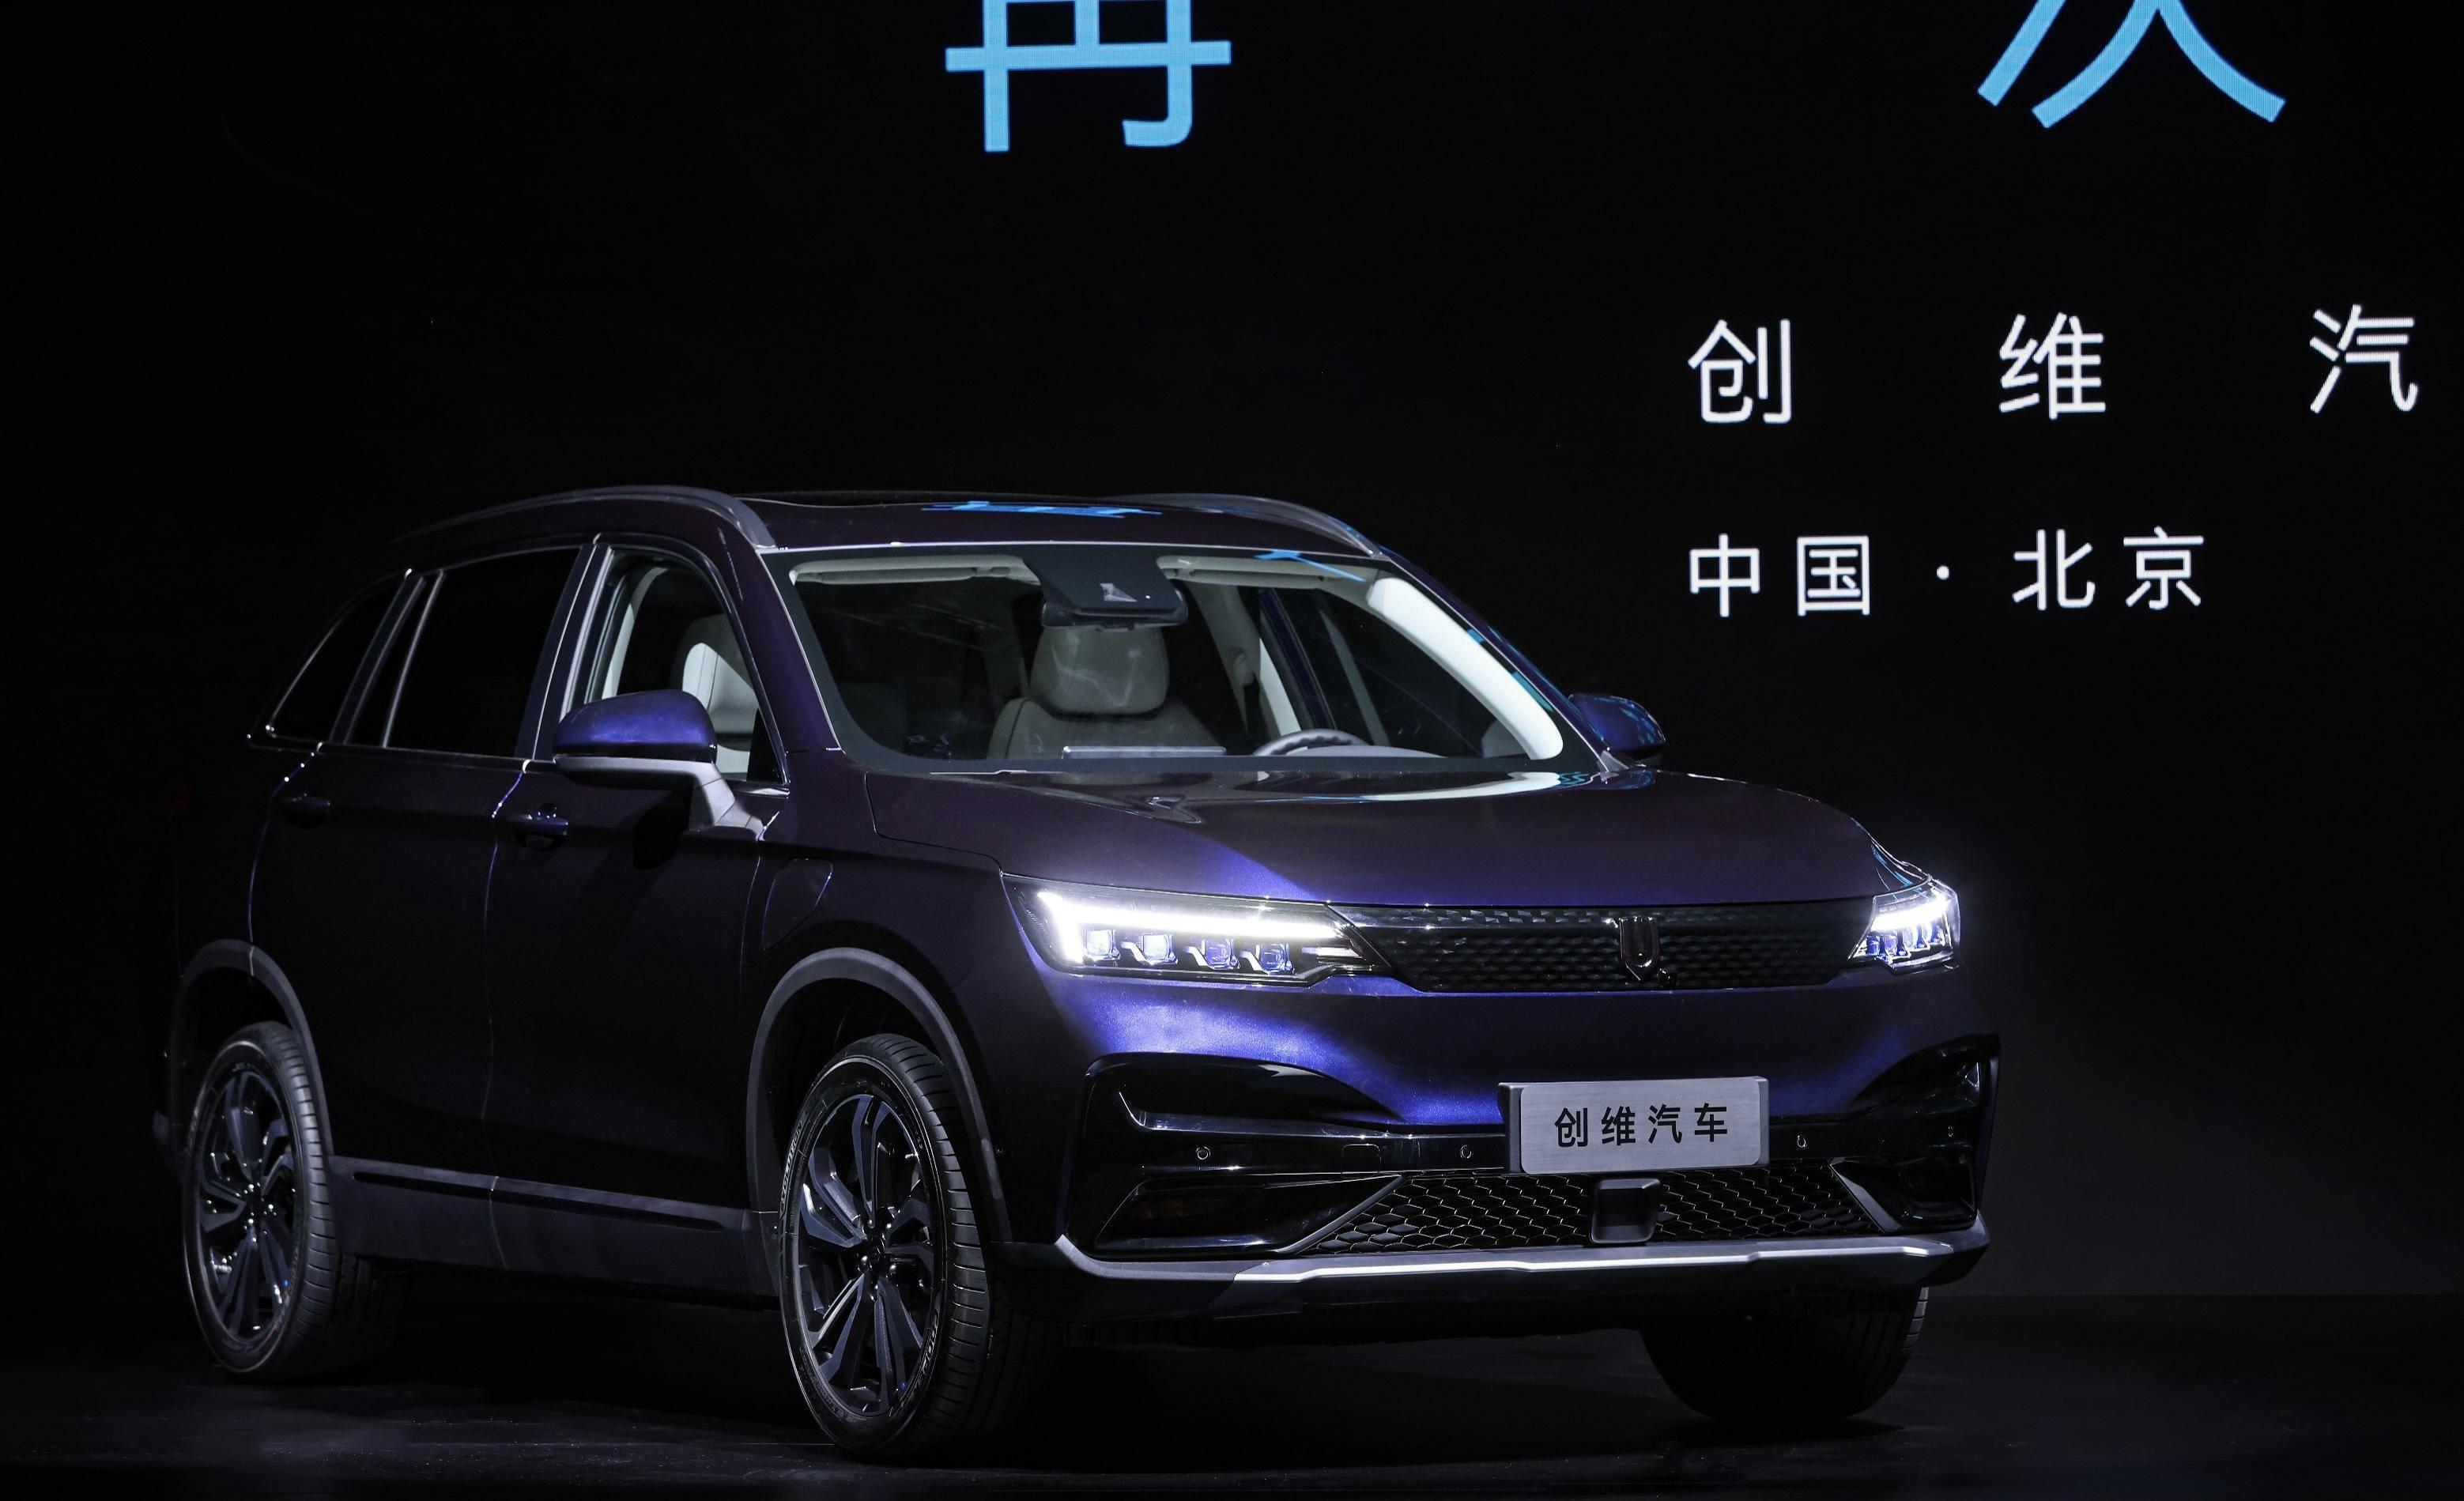 要成为世界十强汽车品牌、市值跨上3000亿,创维造车底气何来?